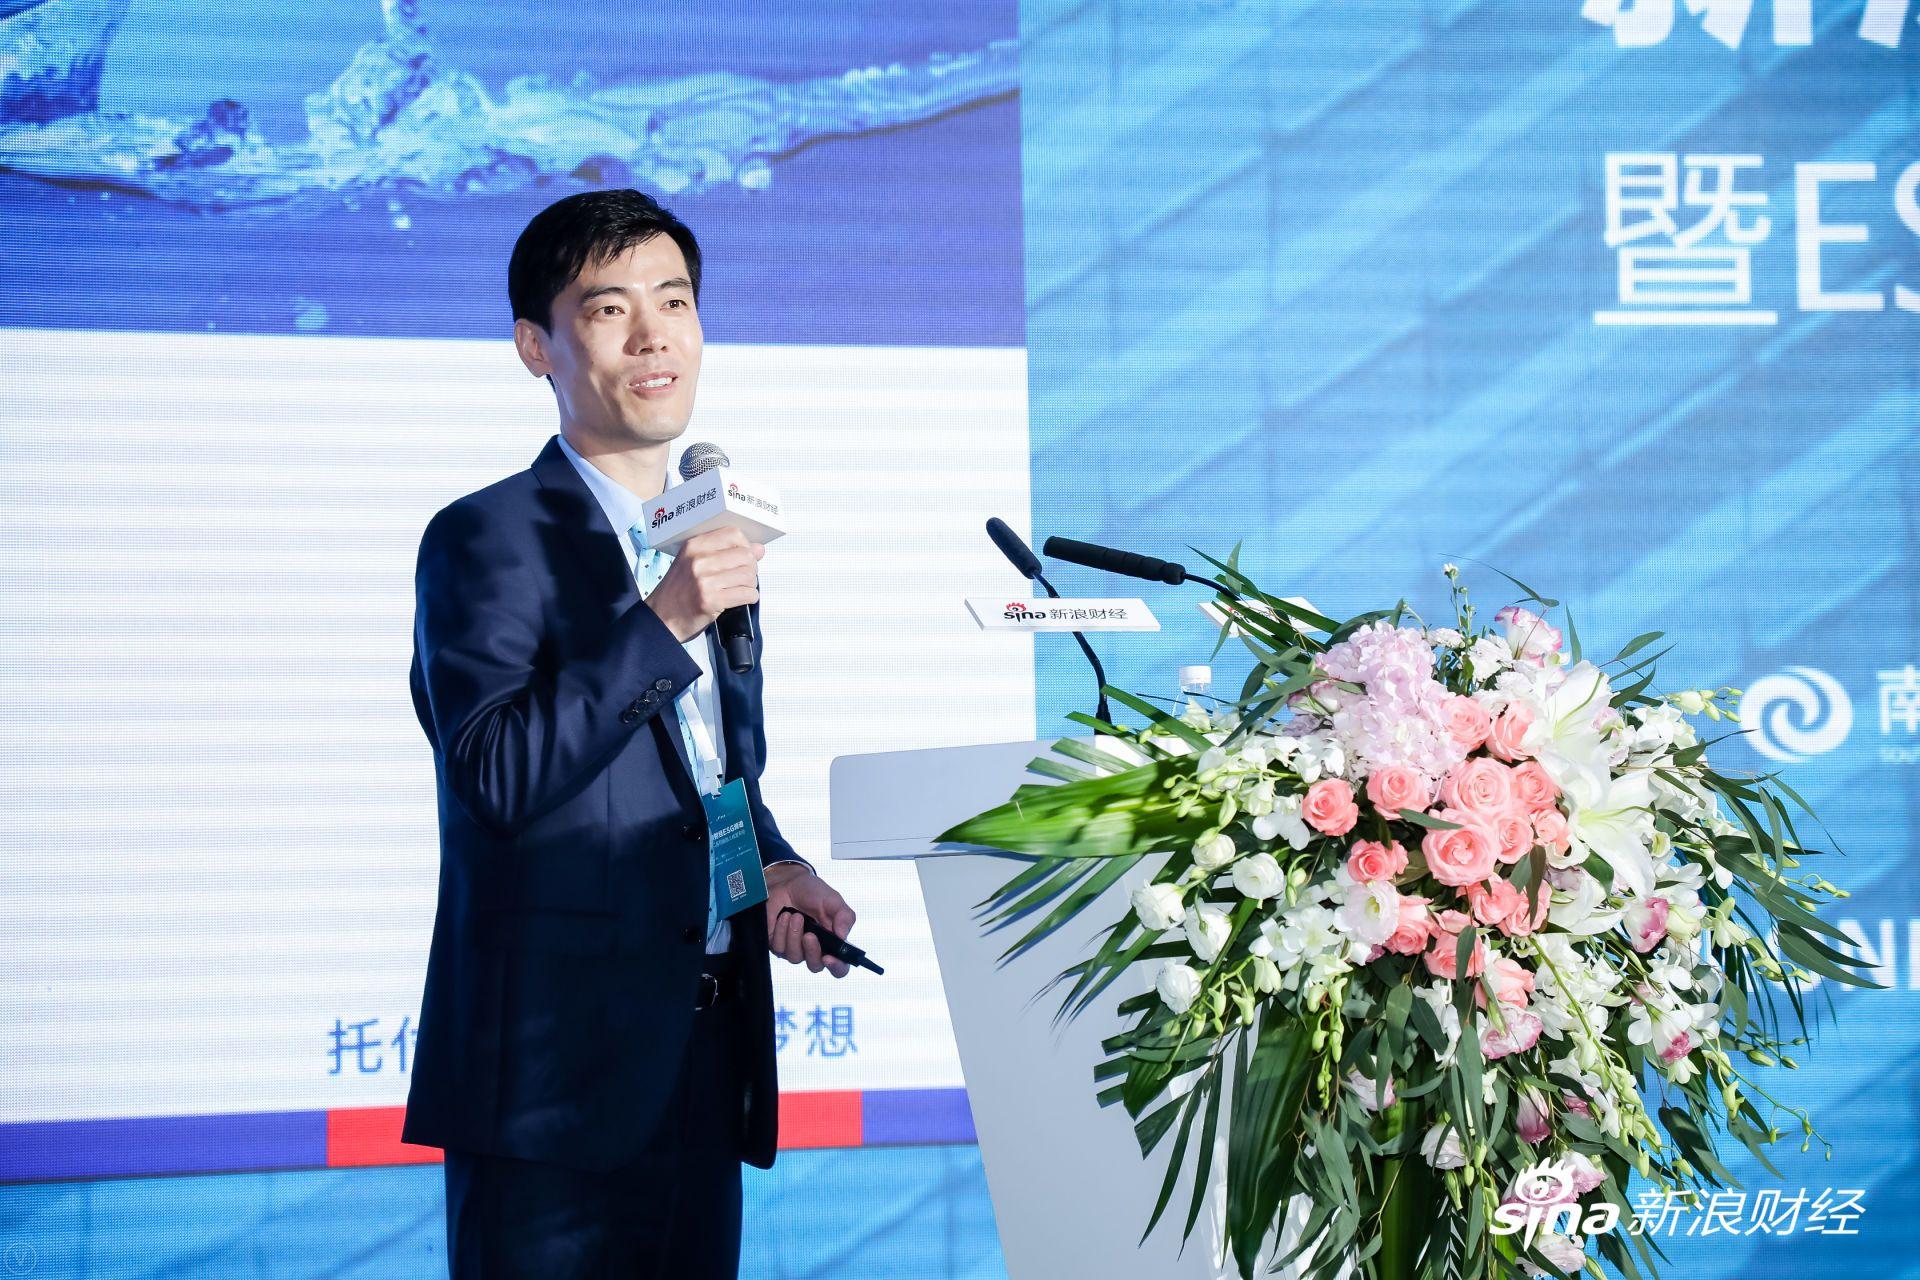 """南方基金首席市场官吴增涛发表""""履行责任担当,践行ESG的理念""""主题演讲。(?#35745;?#26469;源:新浪财经)"""